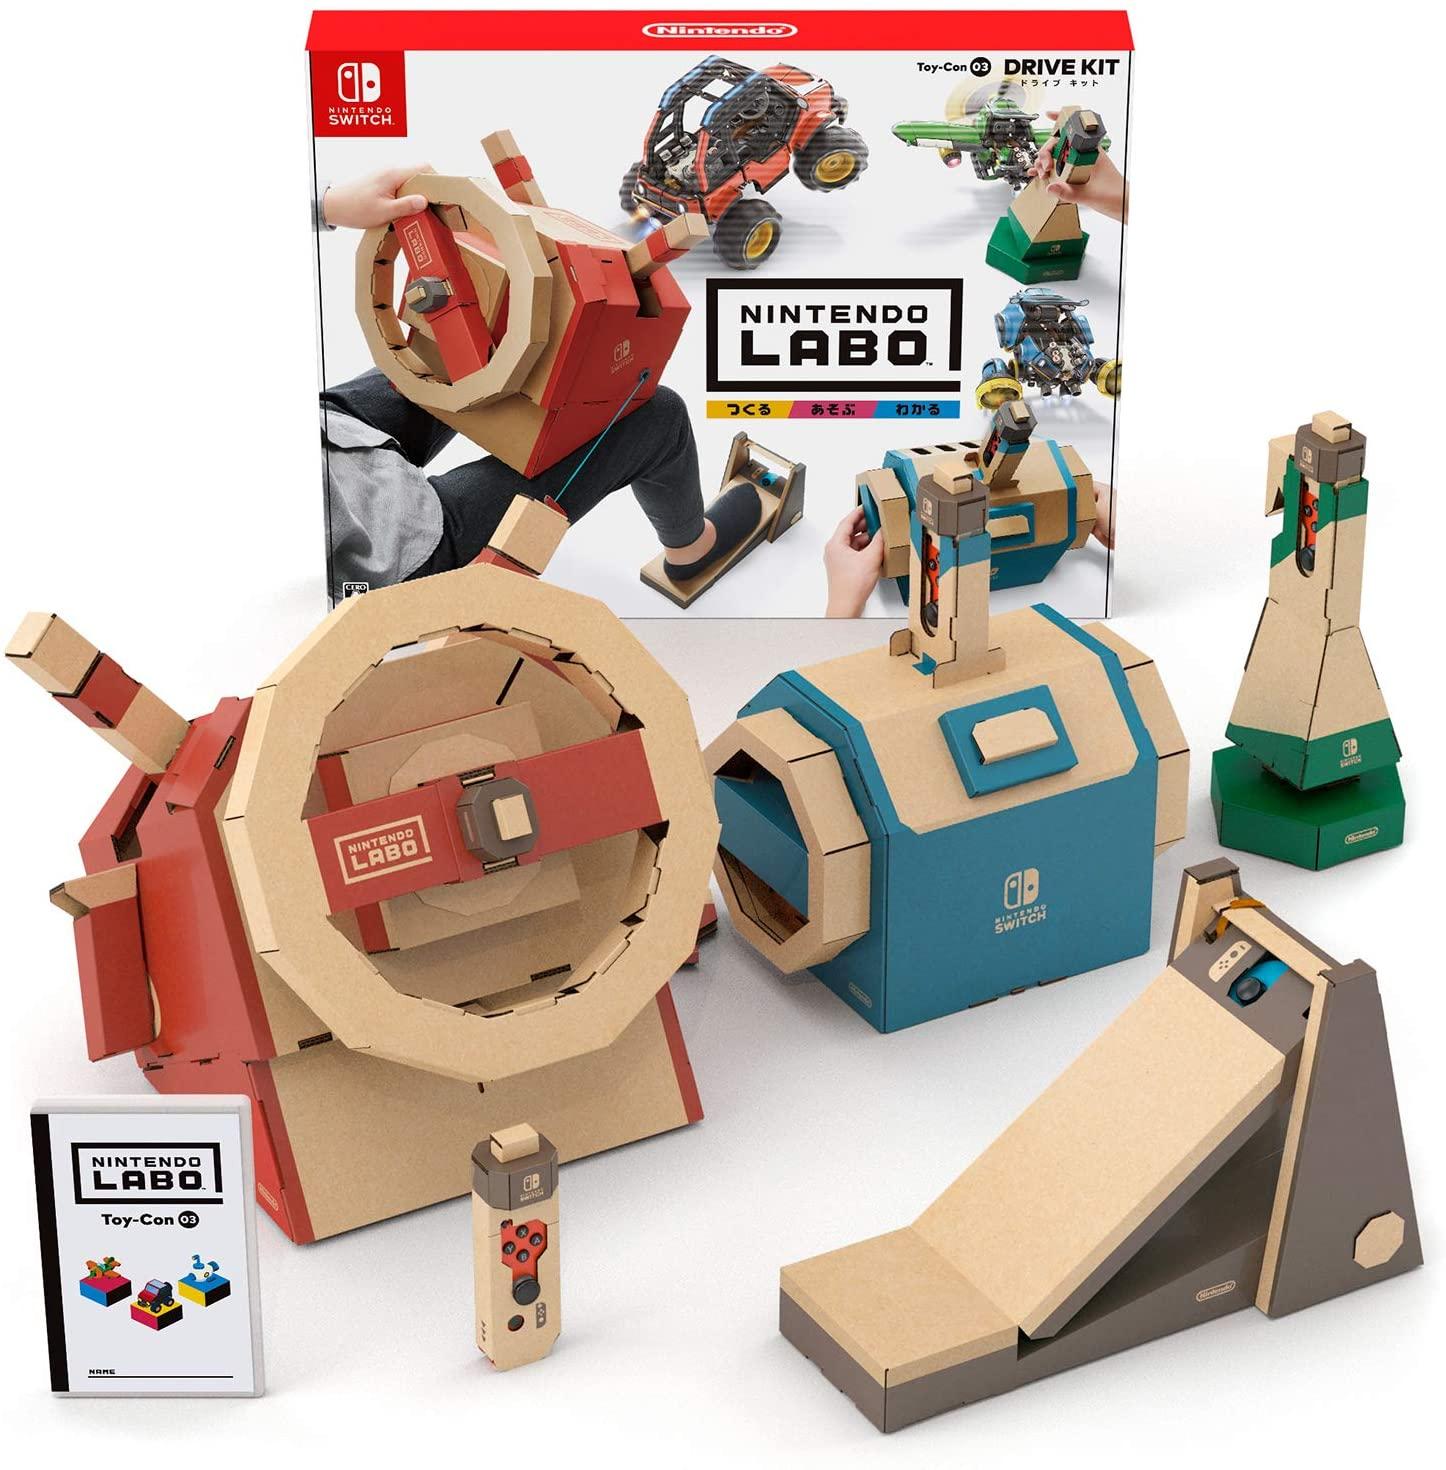 1.예상수령일 2-6일 이내 닌텐도 Nintendo Labo (닌텐도 연구소) Toy-Con 03 : Drive Kit - Switch B07GZP, 상세 설명 참조0